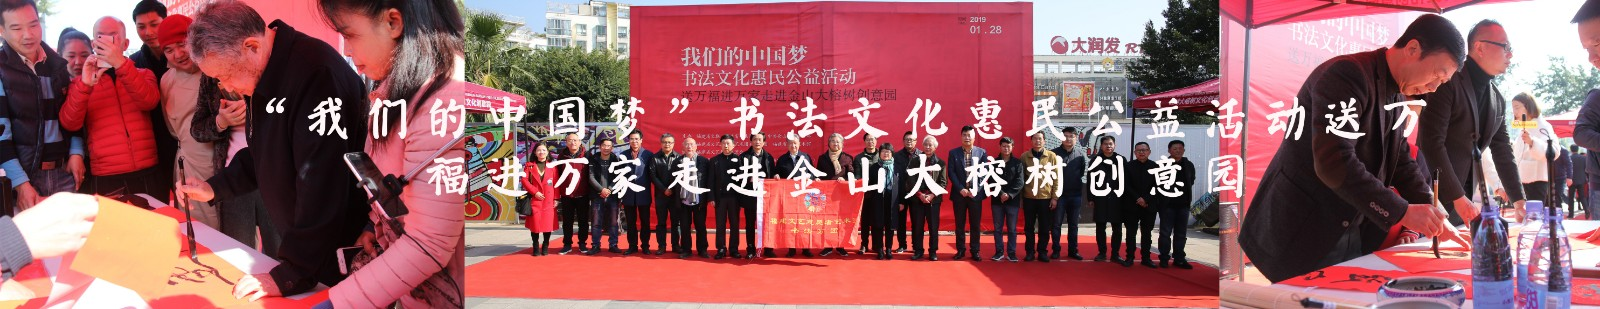 """""""我们的中国梦""""书法文化惠民公益活动送万福进万家走进金山大榕树创意园"""